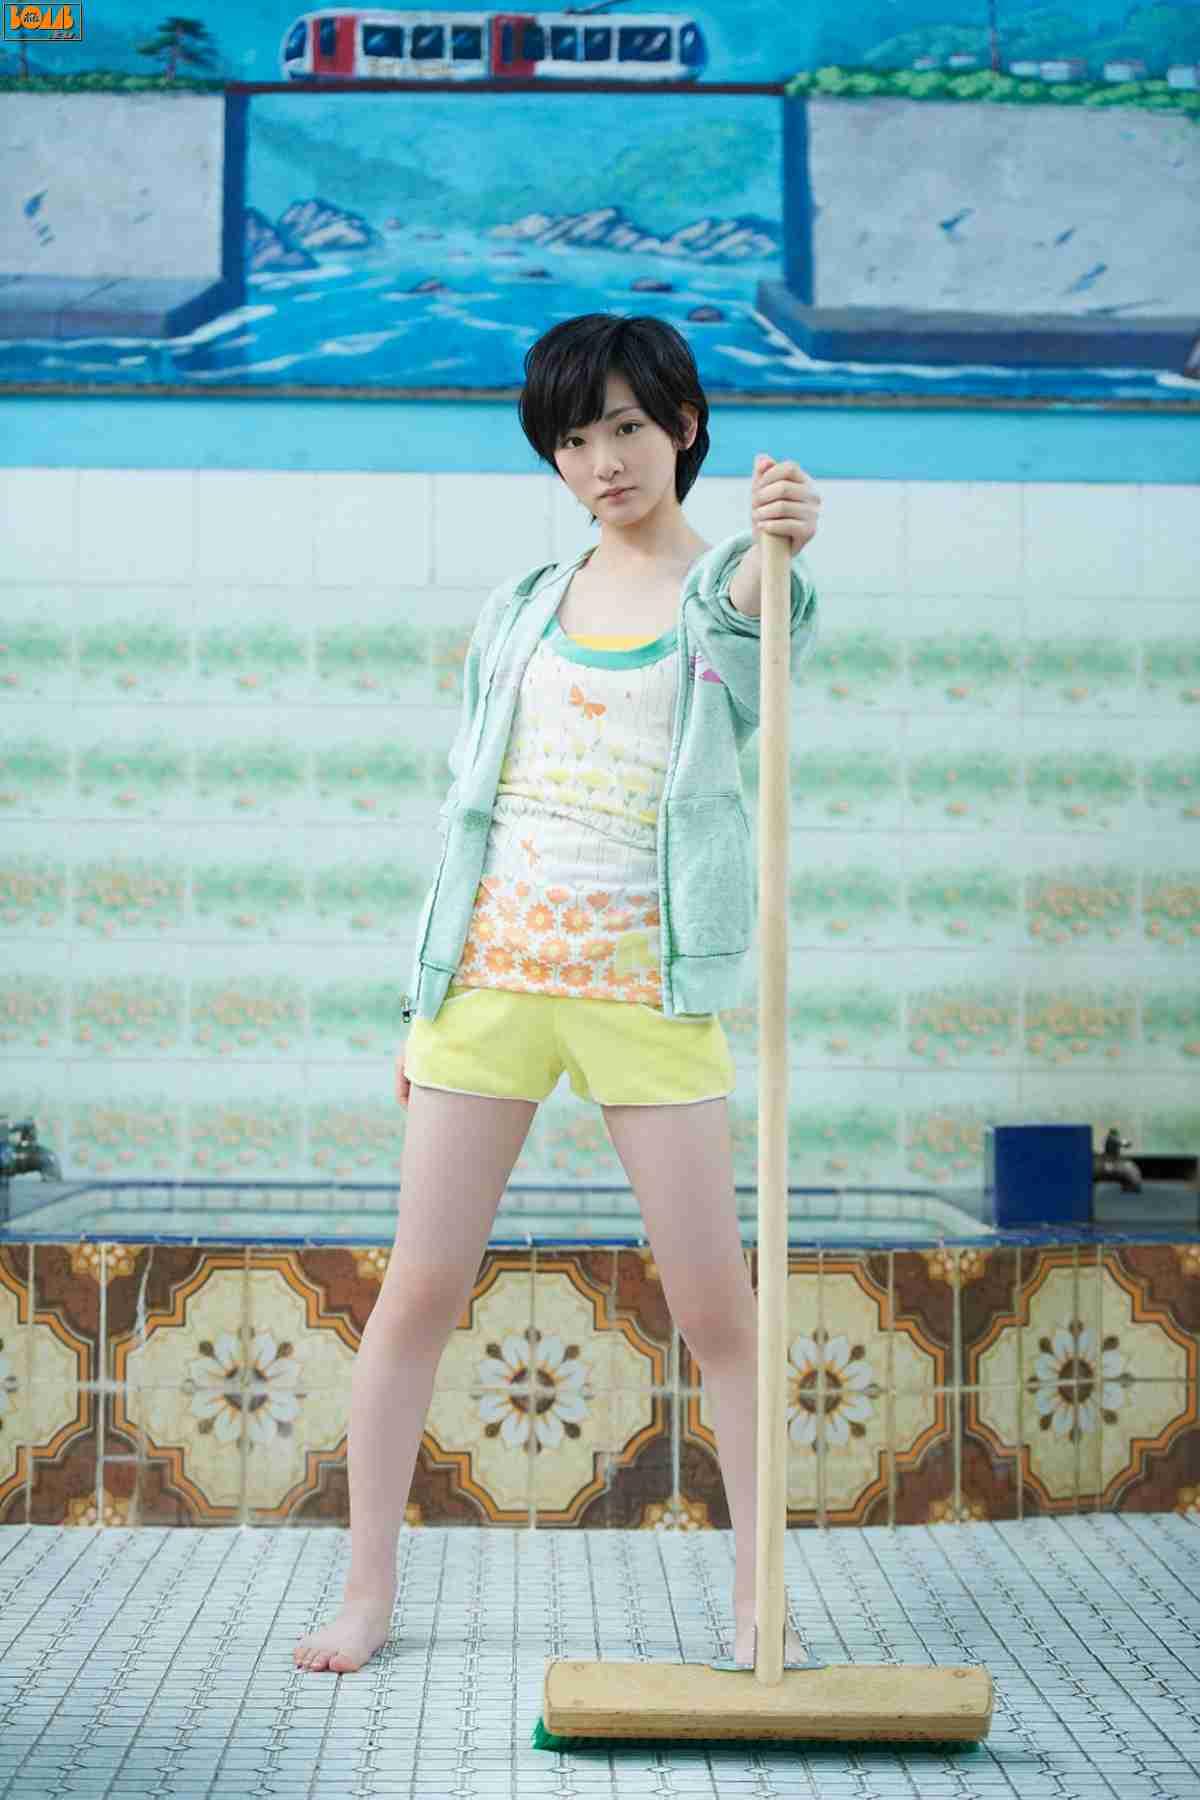 生駒里奈さんのショートパンツ姿